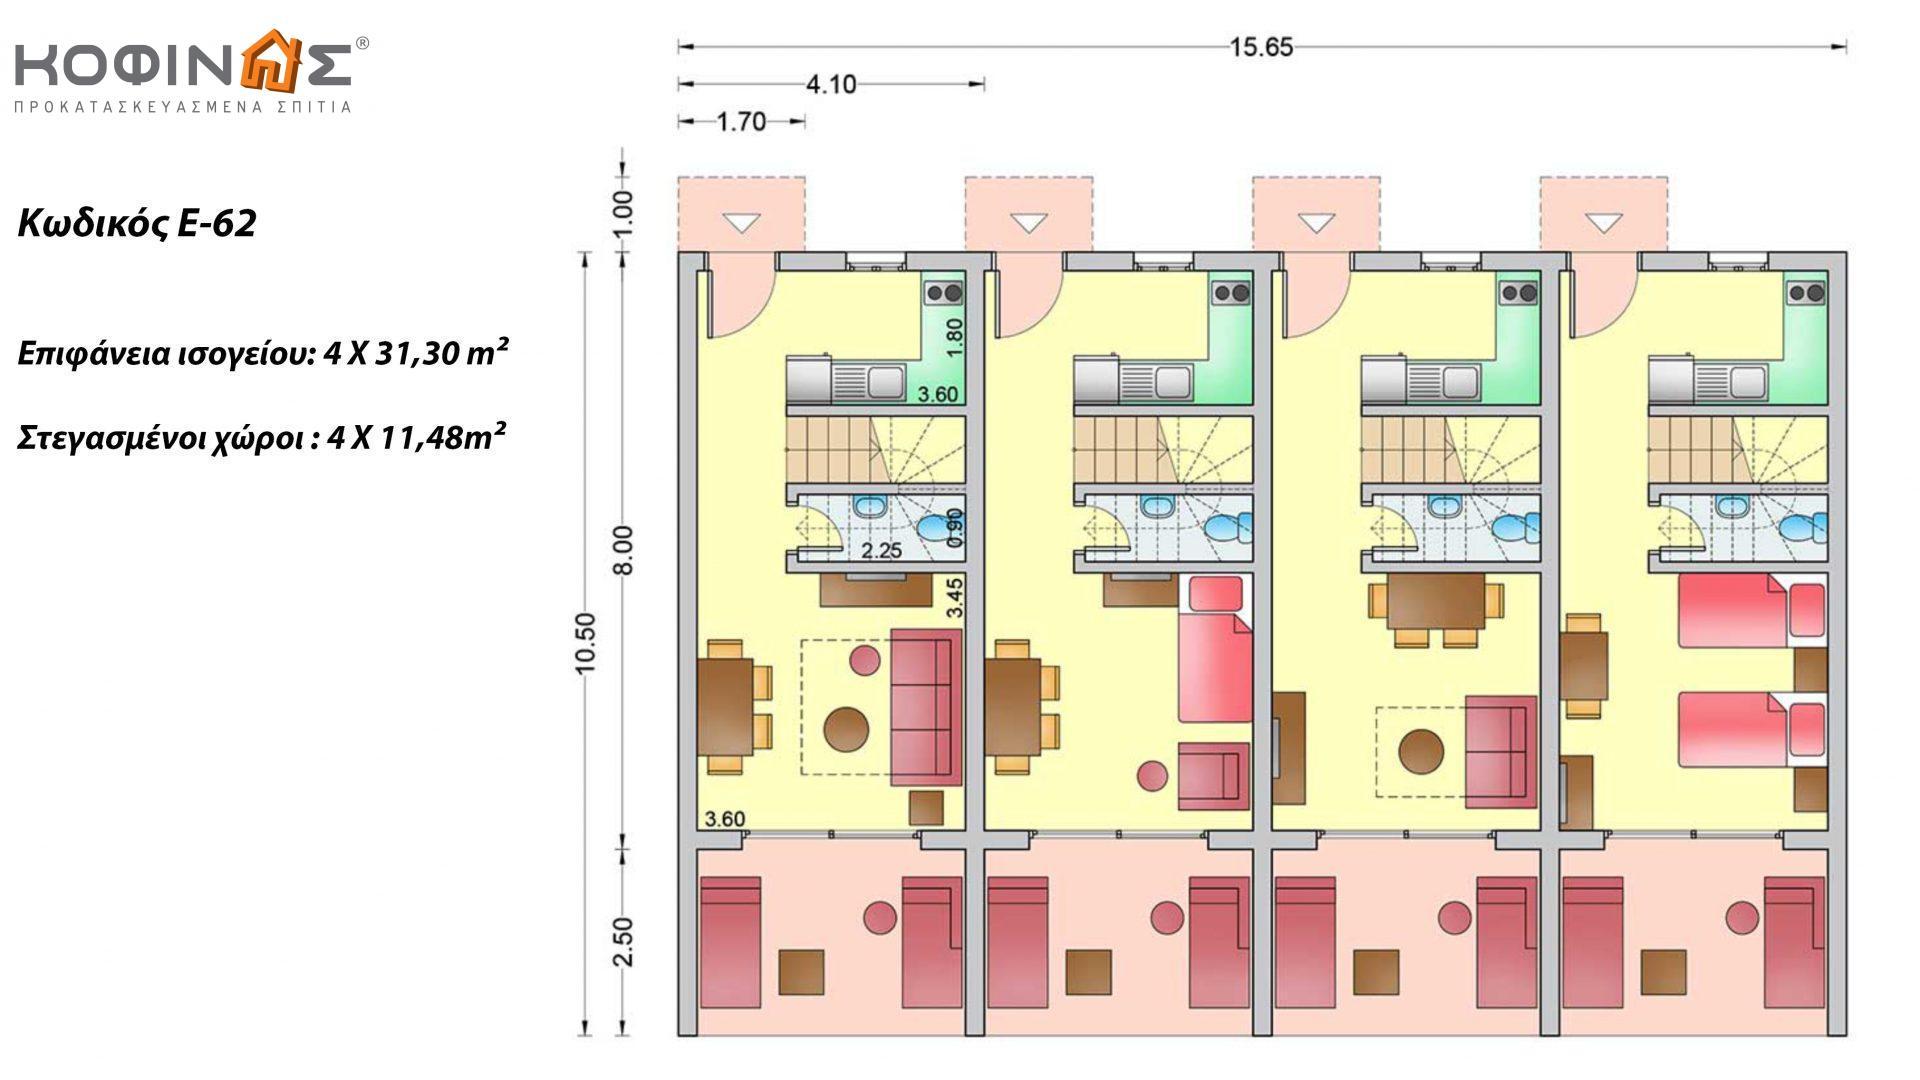 Συγκρότημα Κατοικιών E-62, συνολικής επιφάνειας 4 x 62,60 = 250,40 τ.μ., συνολική επιφάνεια στεγασμένων χώρων 85.04 τ.μ.